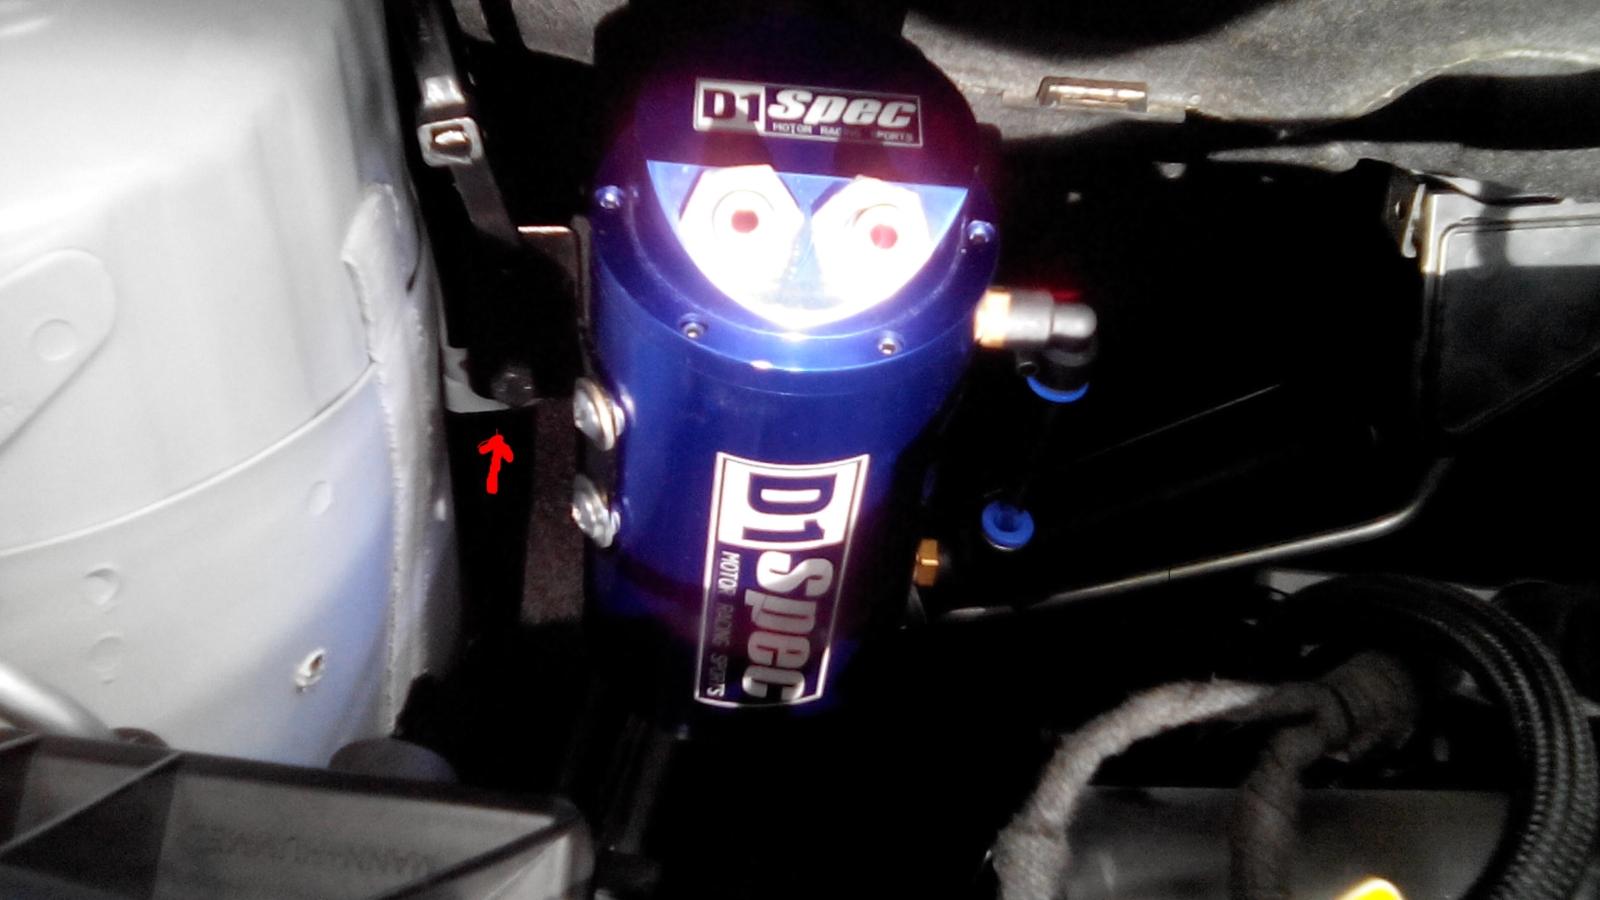 [BRICO J] Instalar decantador de aceite al motor 1.6 CDTI 2i7v77p